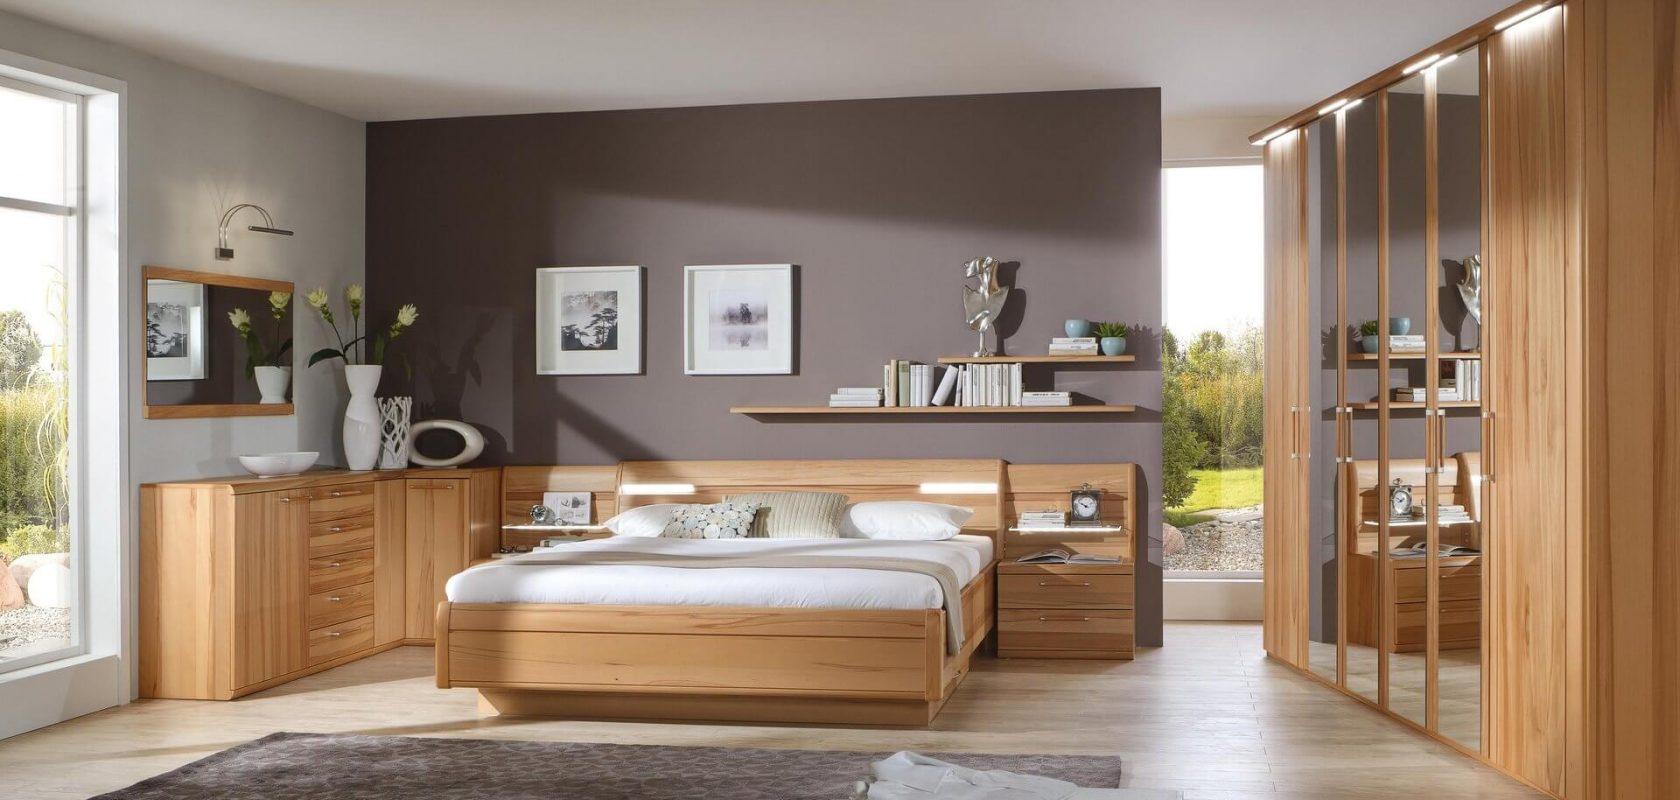 schlafzimmer möbel wohncenter greifswald-min